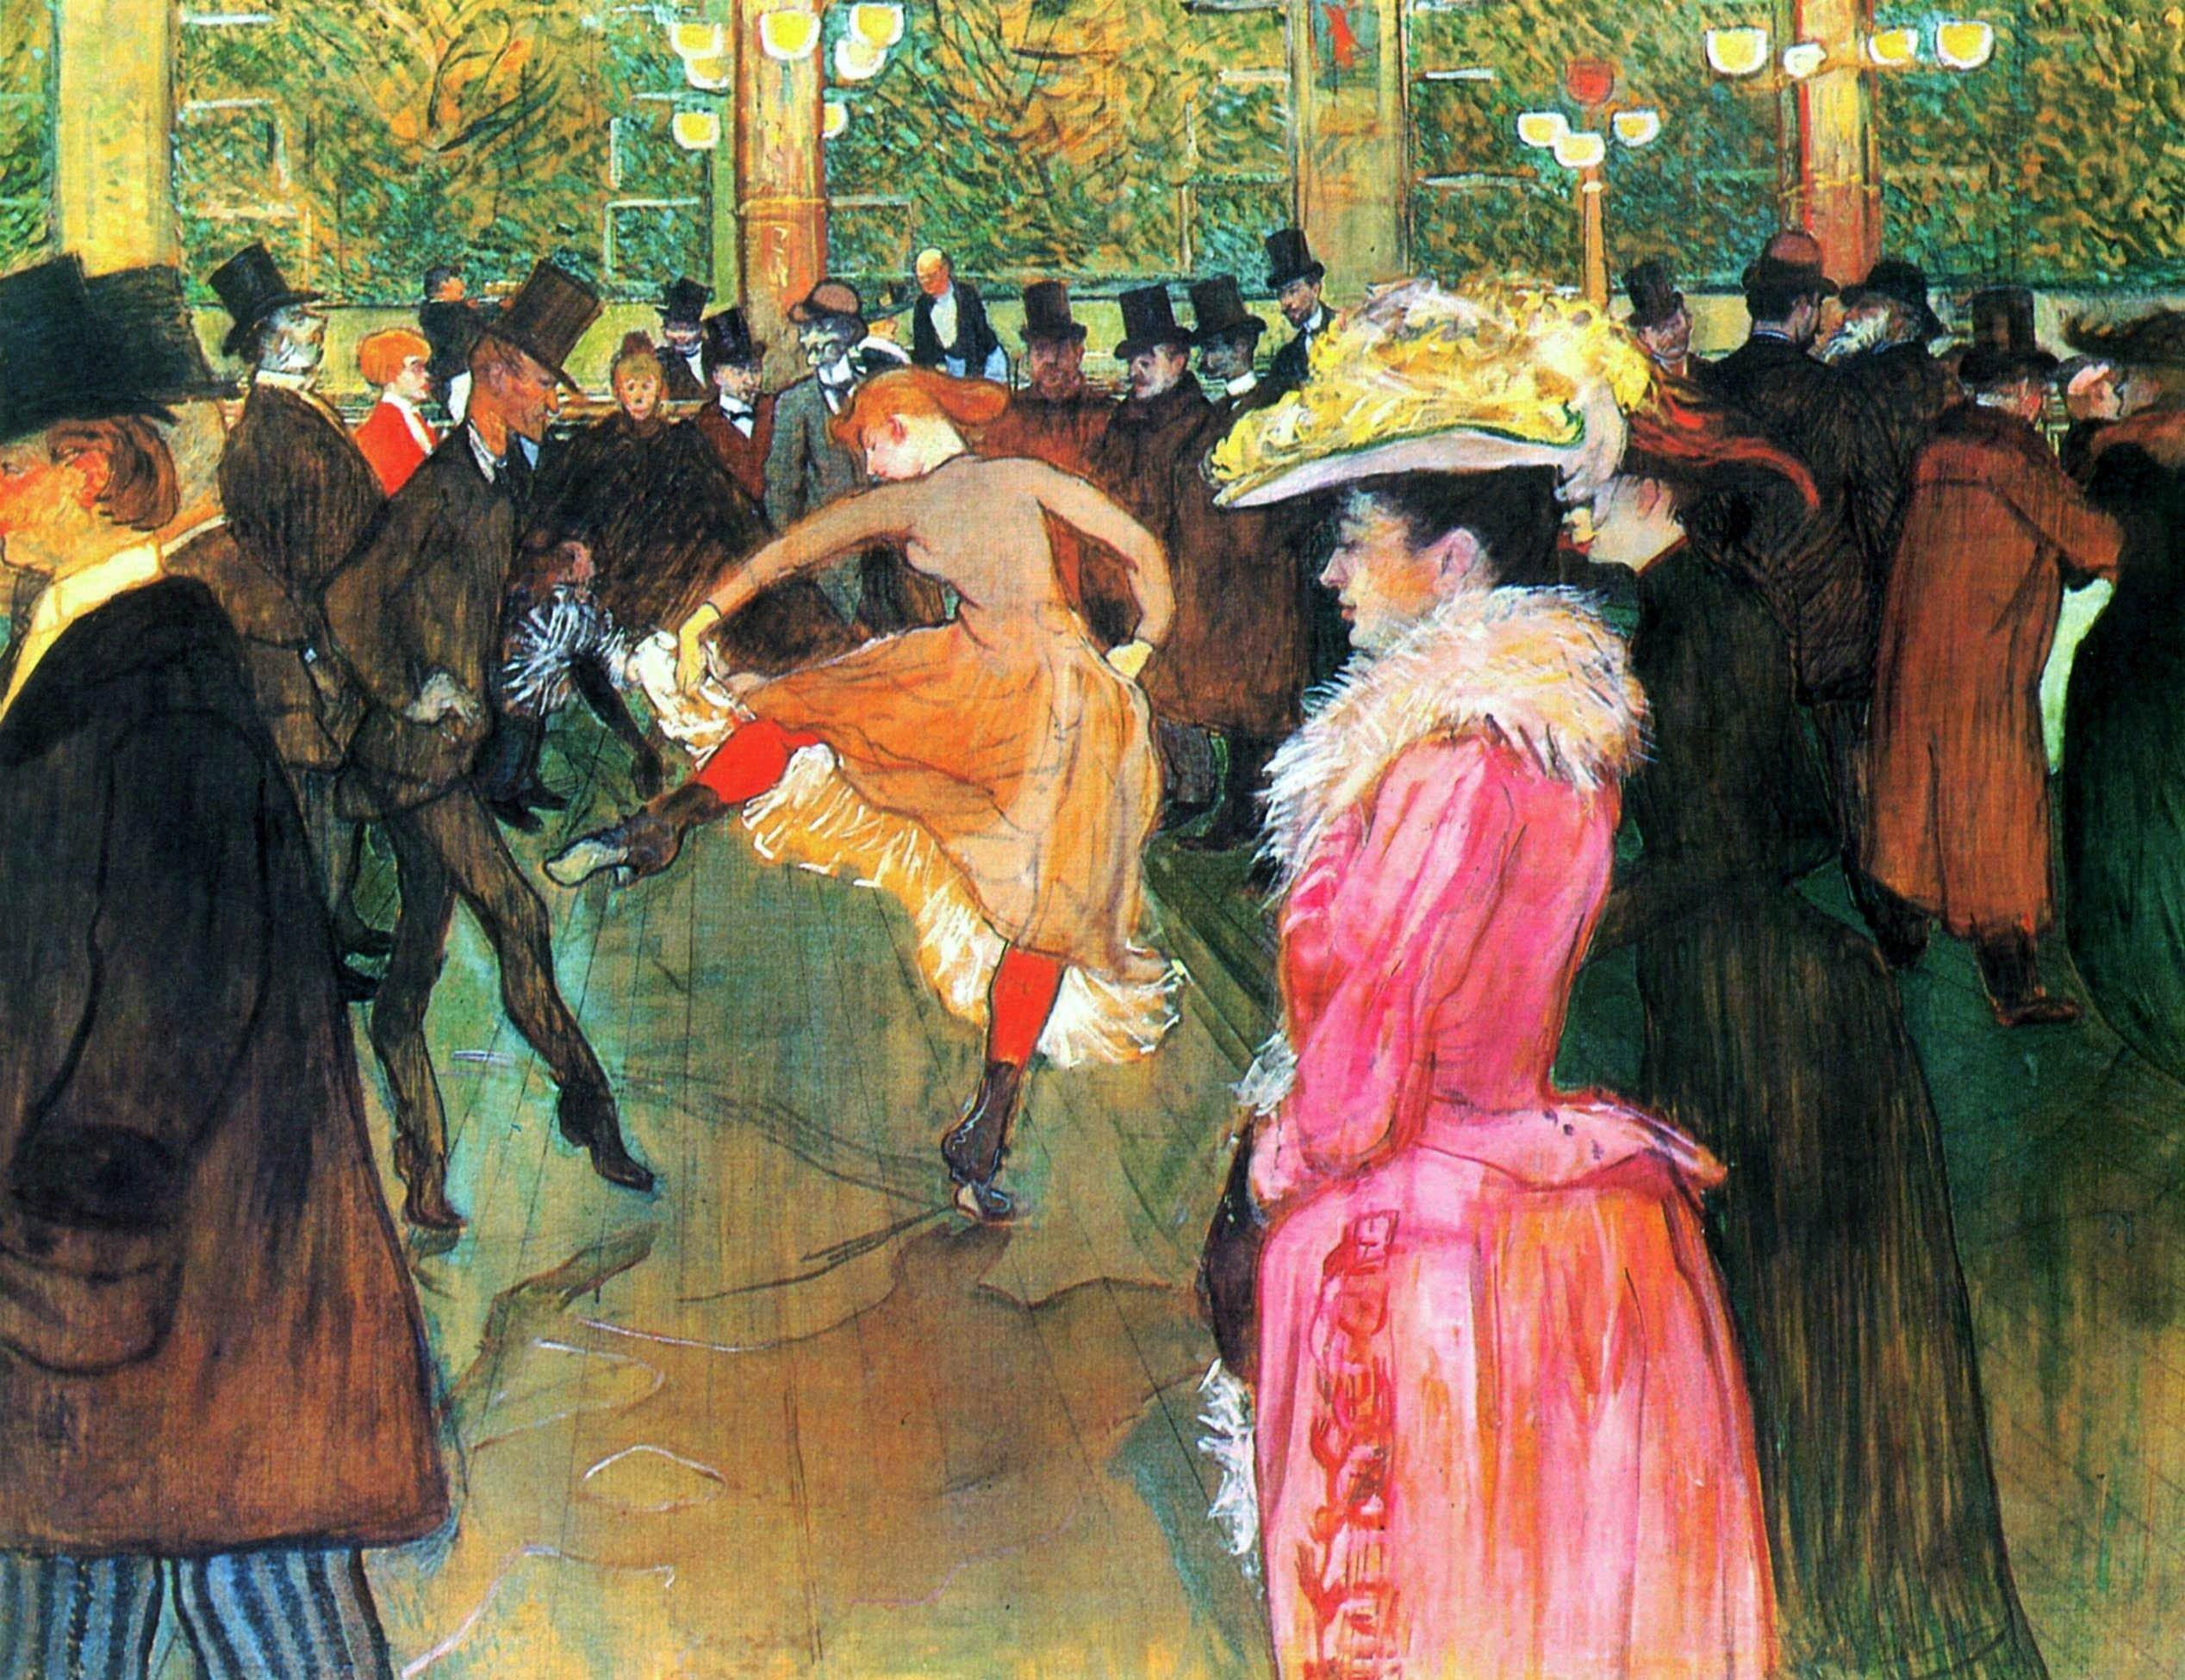 Ballo al Moulin Rouge di Henri de Toulouse-Lautrec